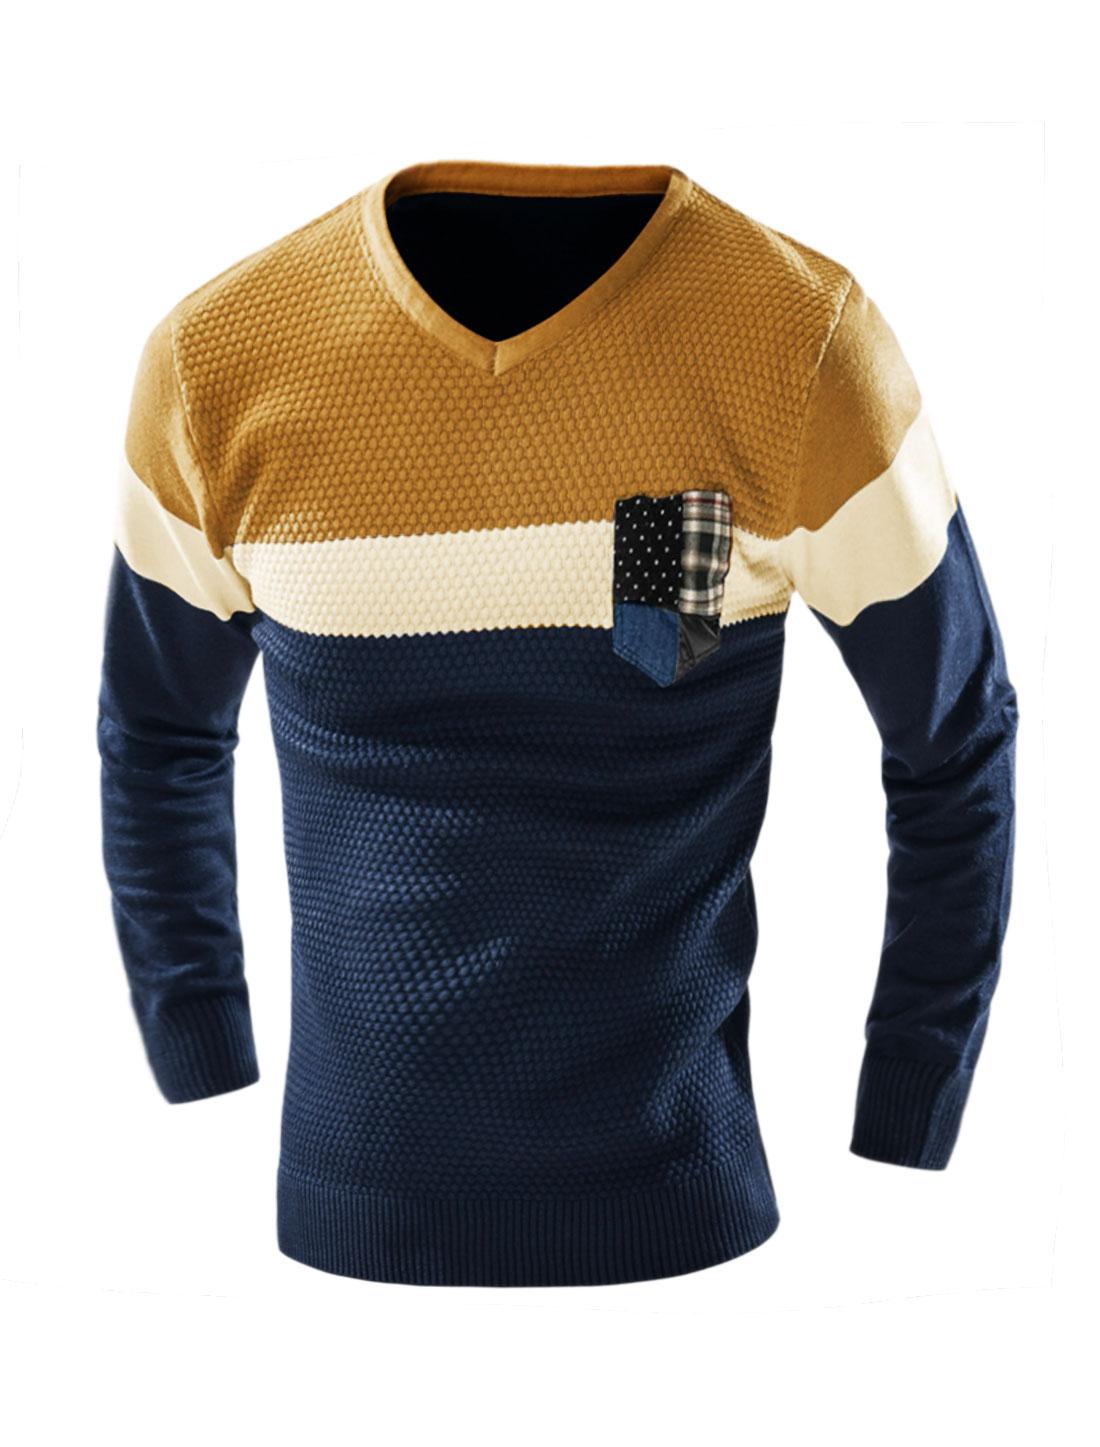 Man V Neck Contrast Color Knit Shirt w Pocket Blue M